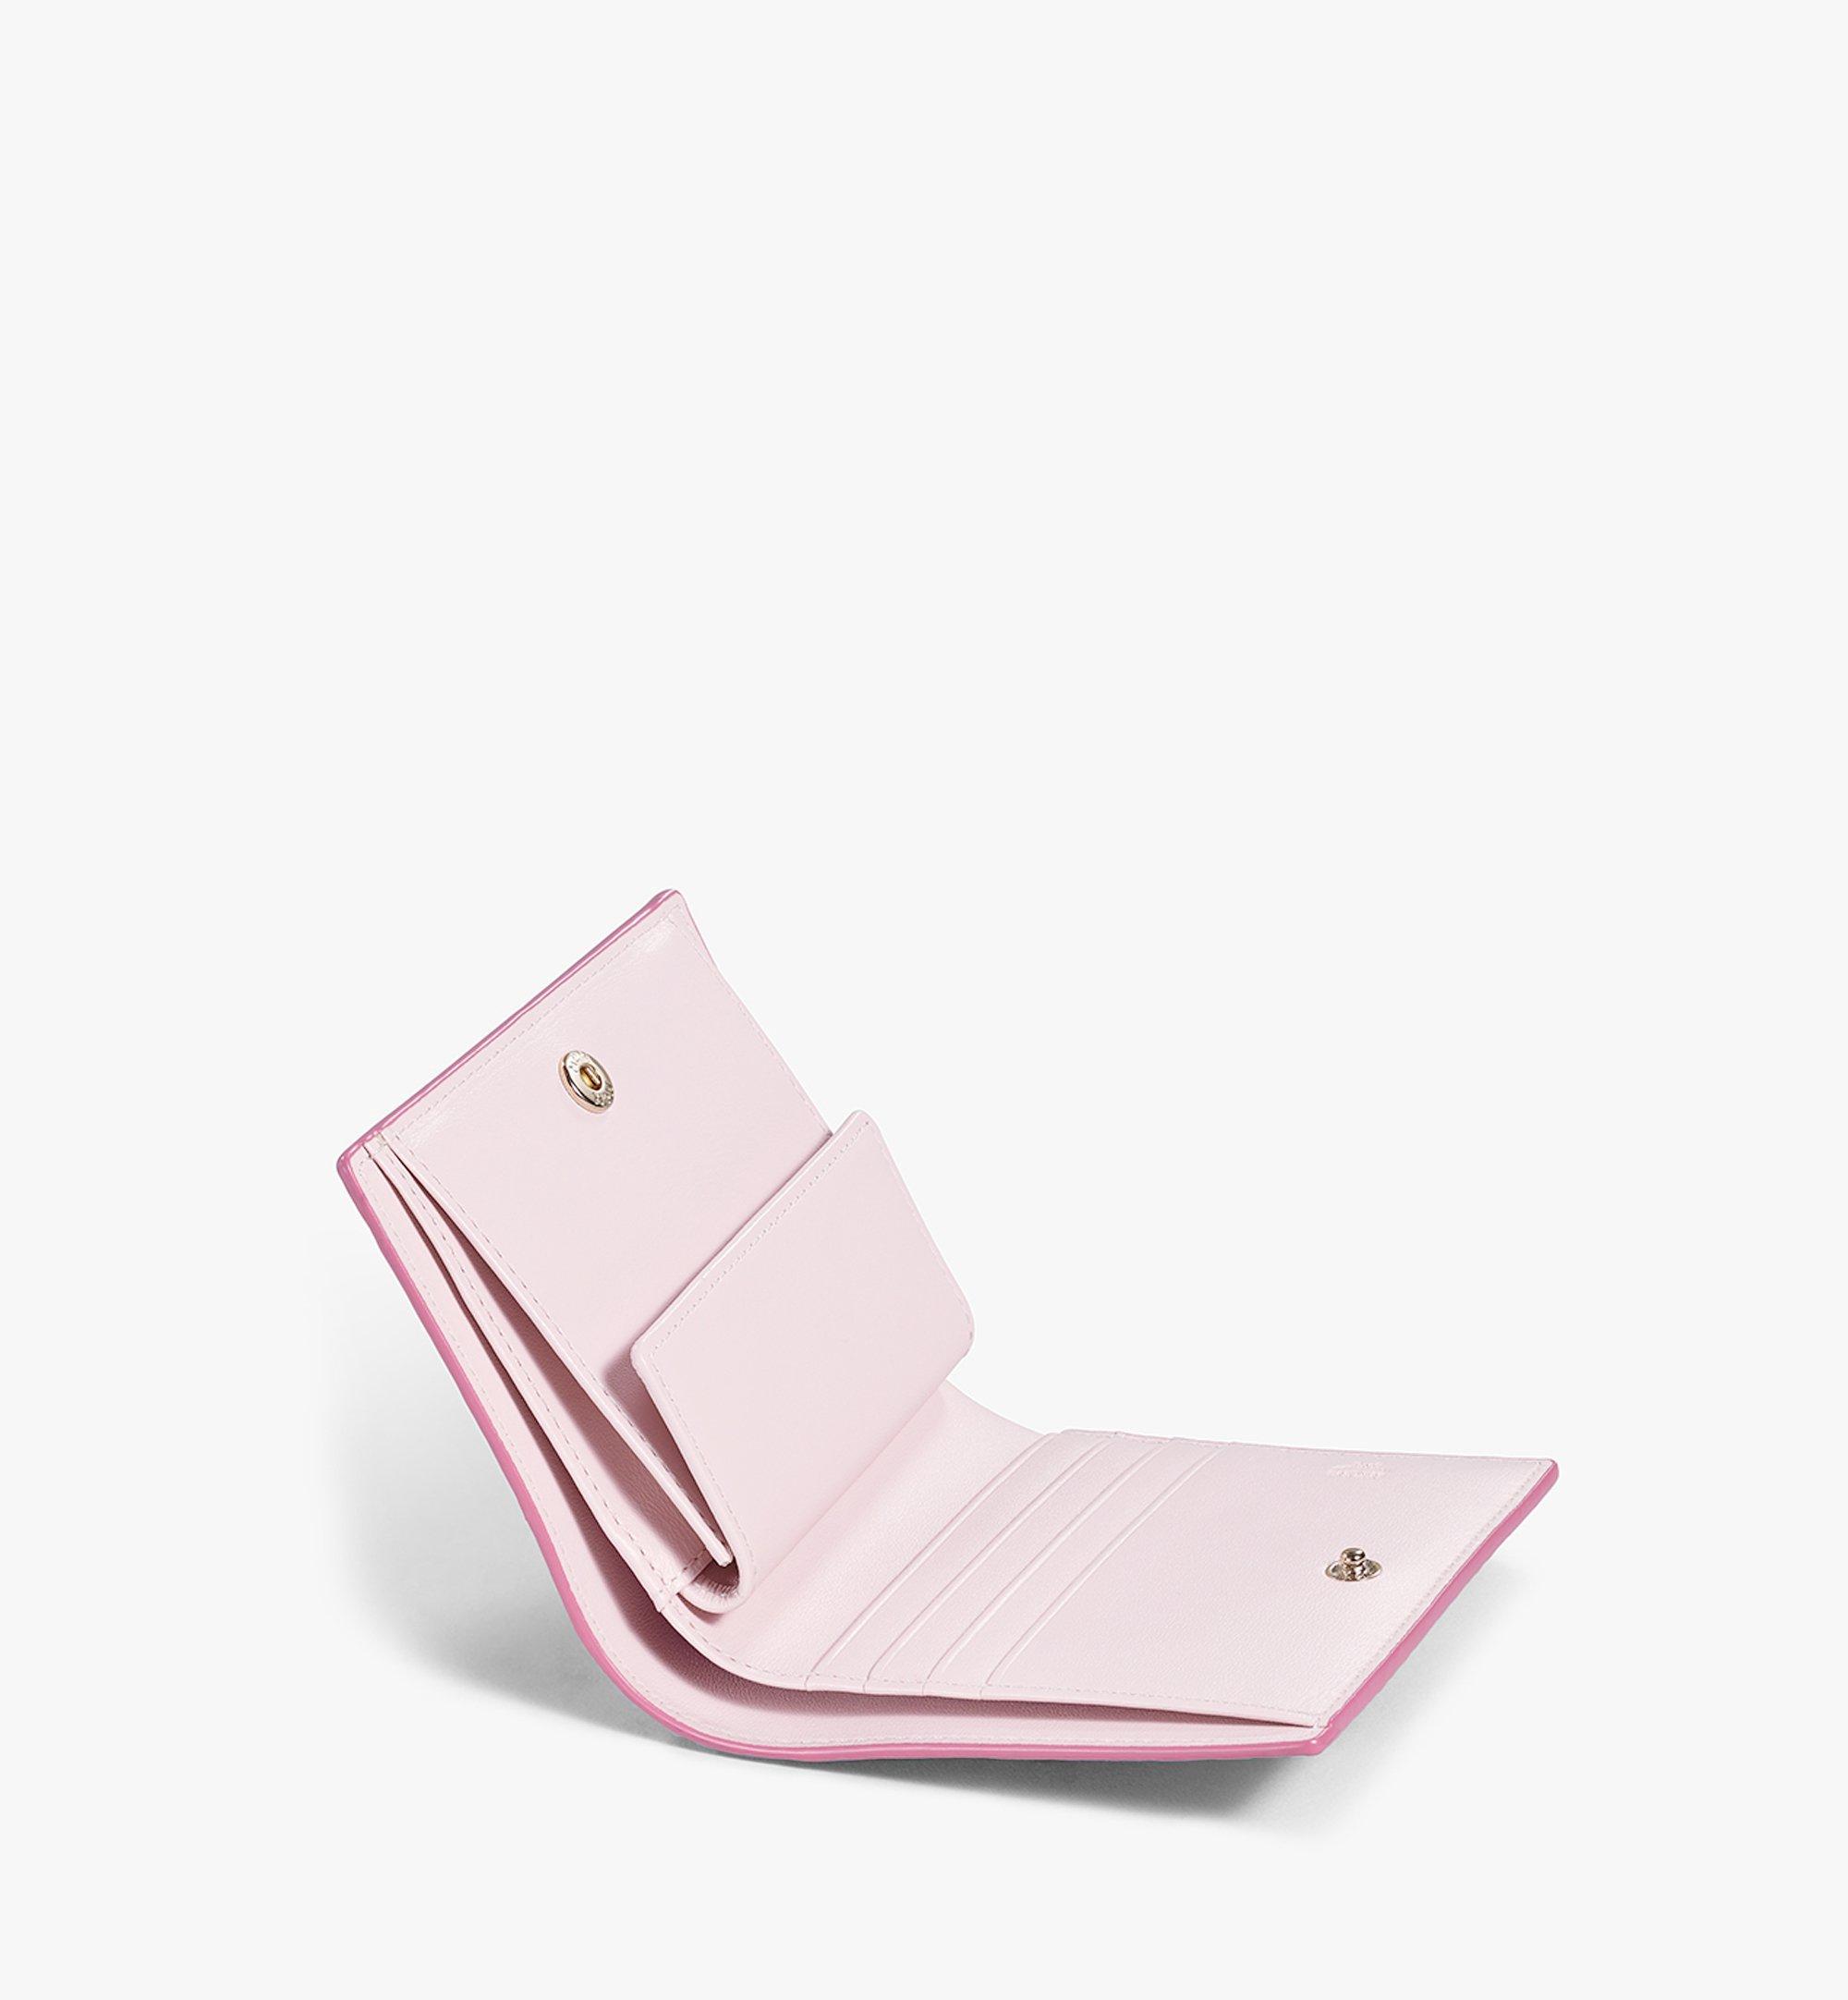 MCM Flat Wallet in Visetos Original Pink MYSAAVI03QH001 Alternate View 3